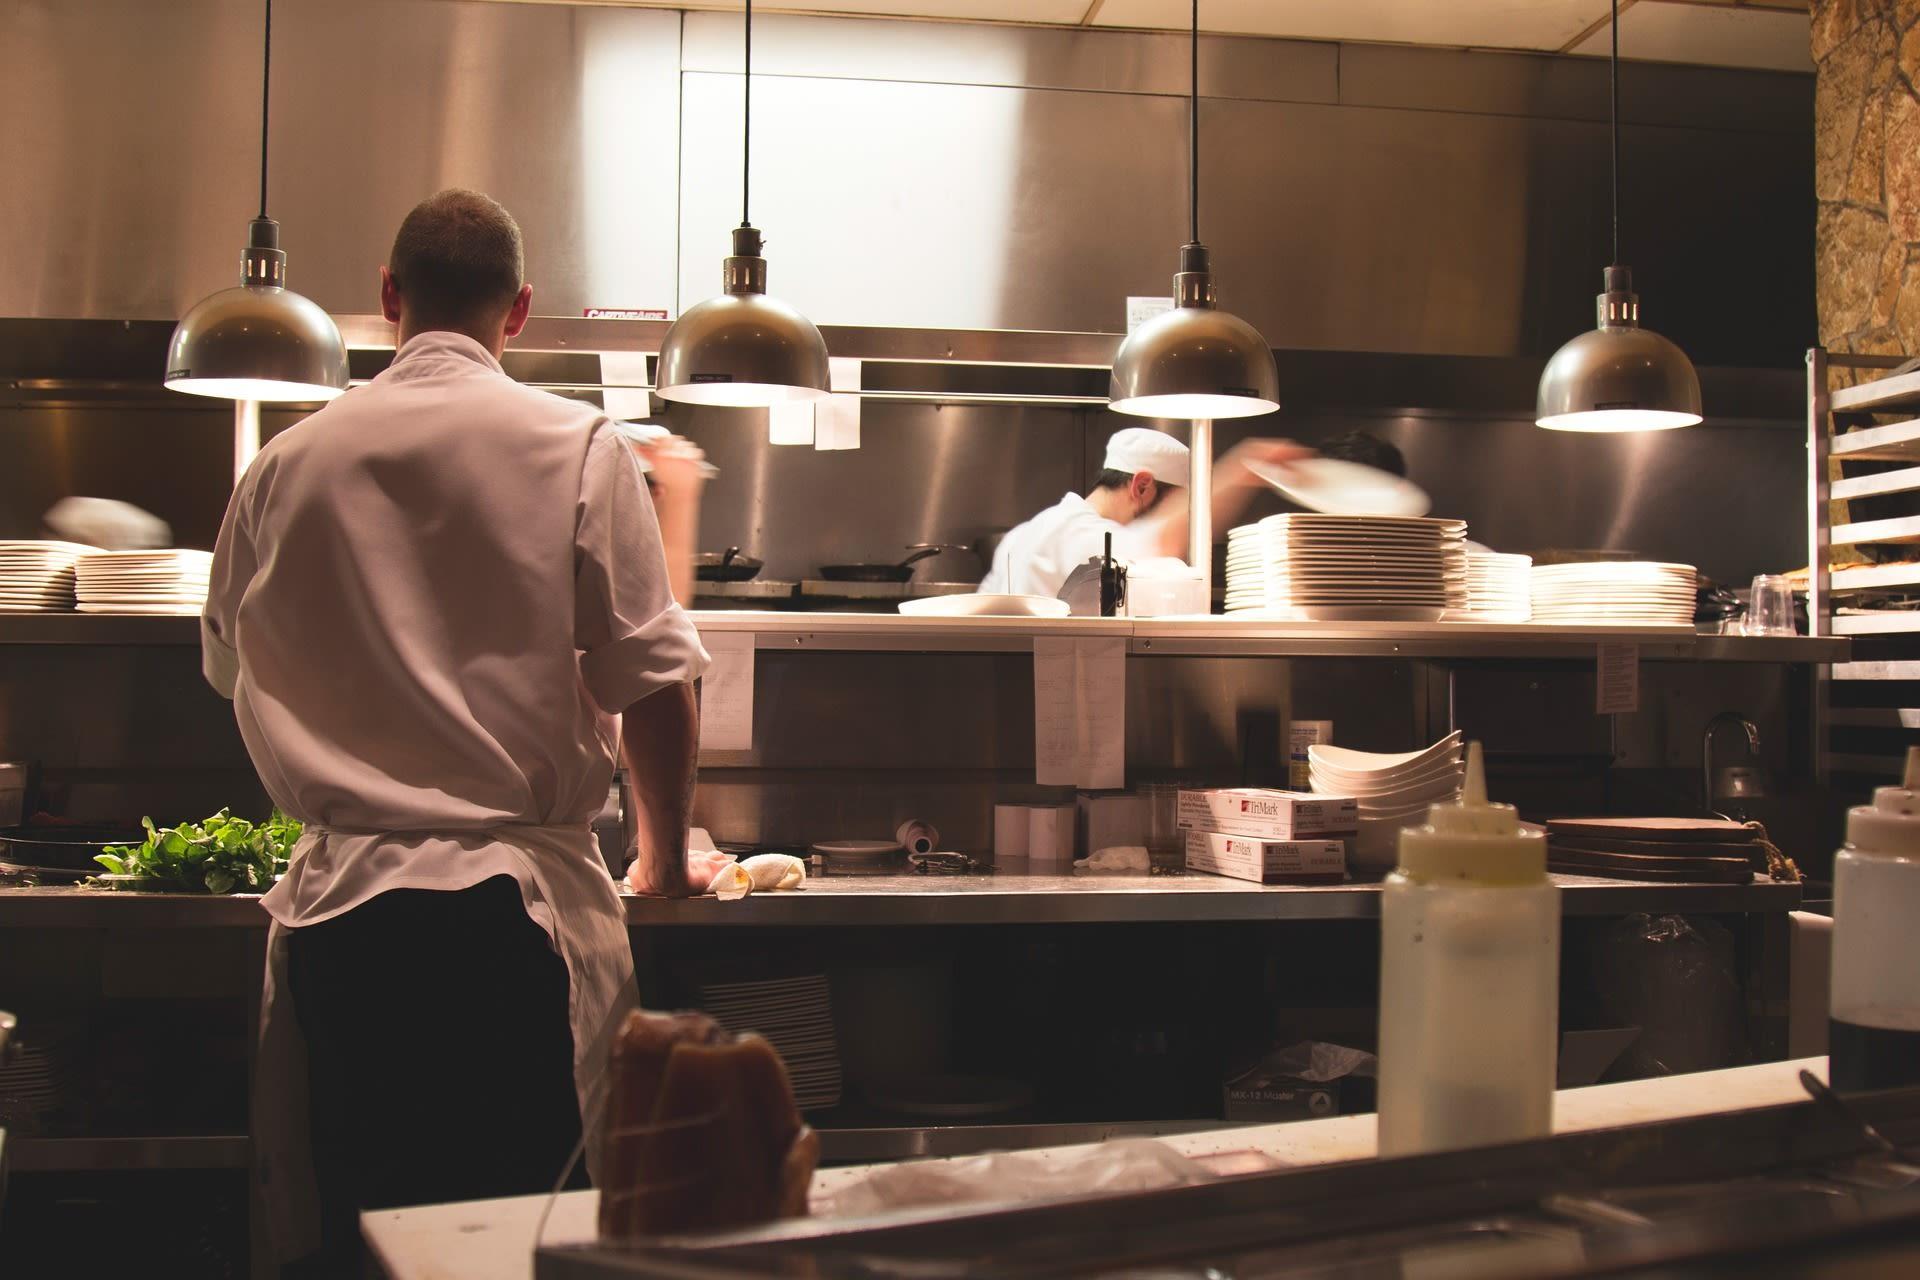 Restaurant kitchen ckg6d2